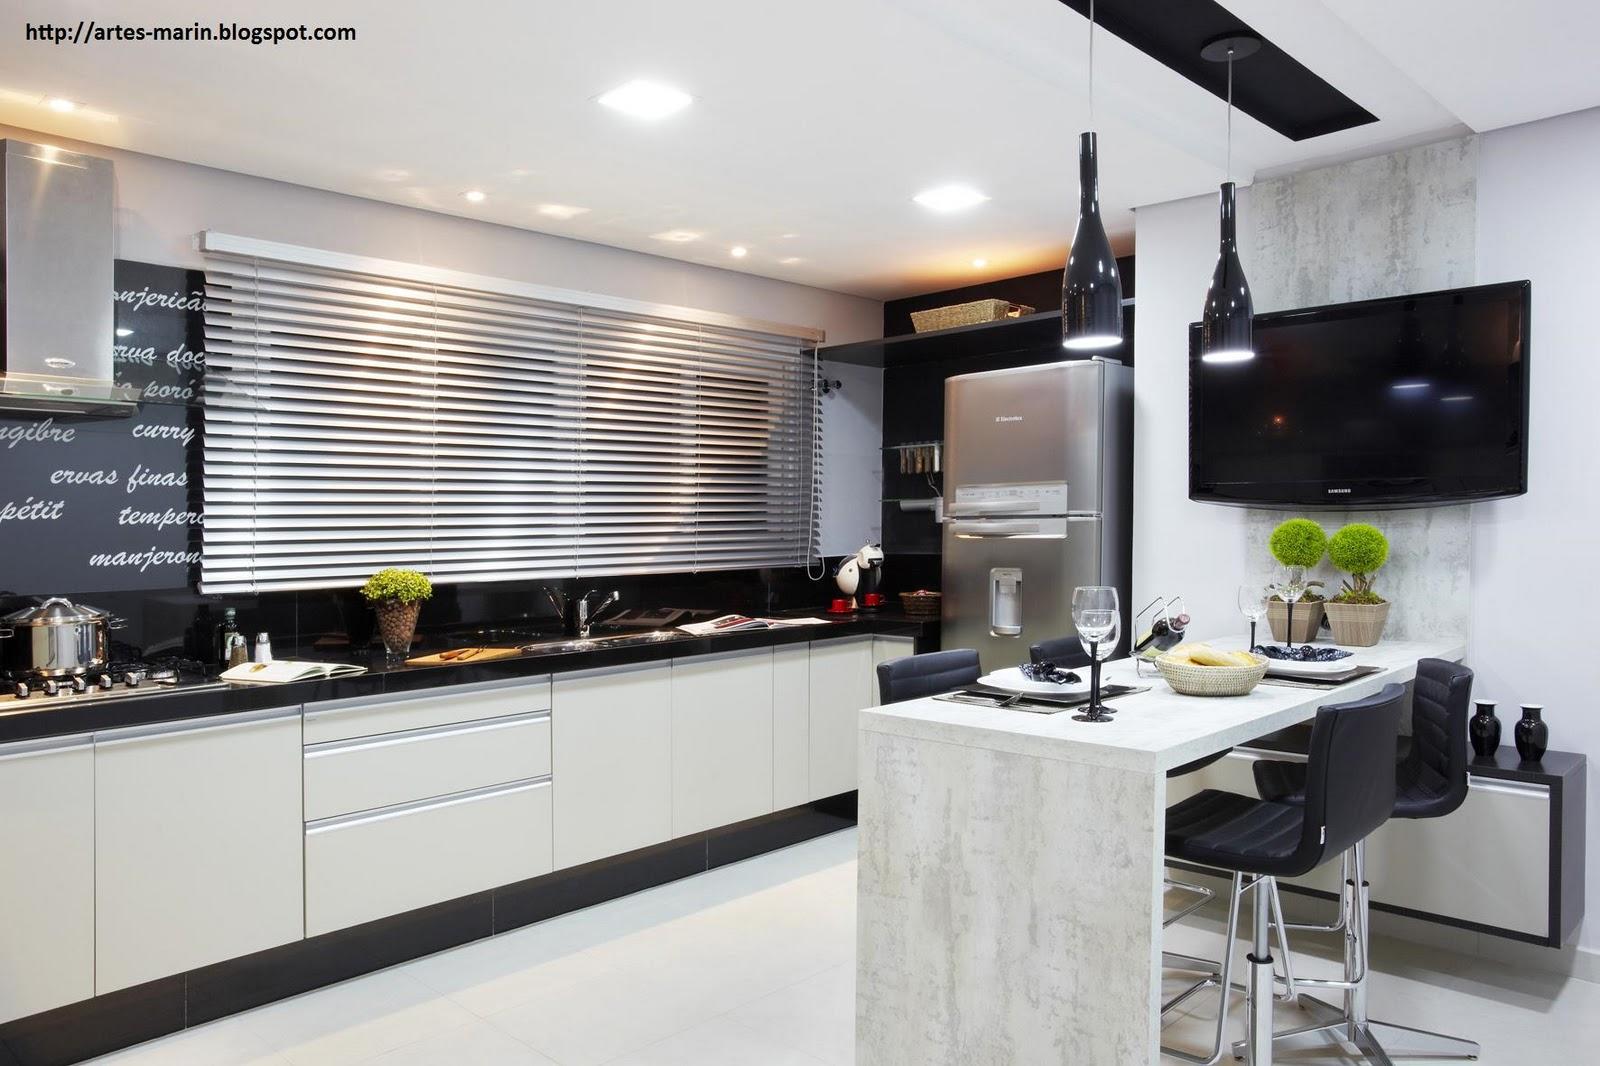 #6C693F ARTES MARIN : A arte nessas belas cozinhas 1600x1066 px Belas Cozinhas_140 Imagens